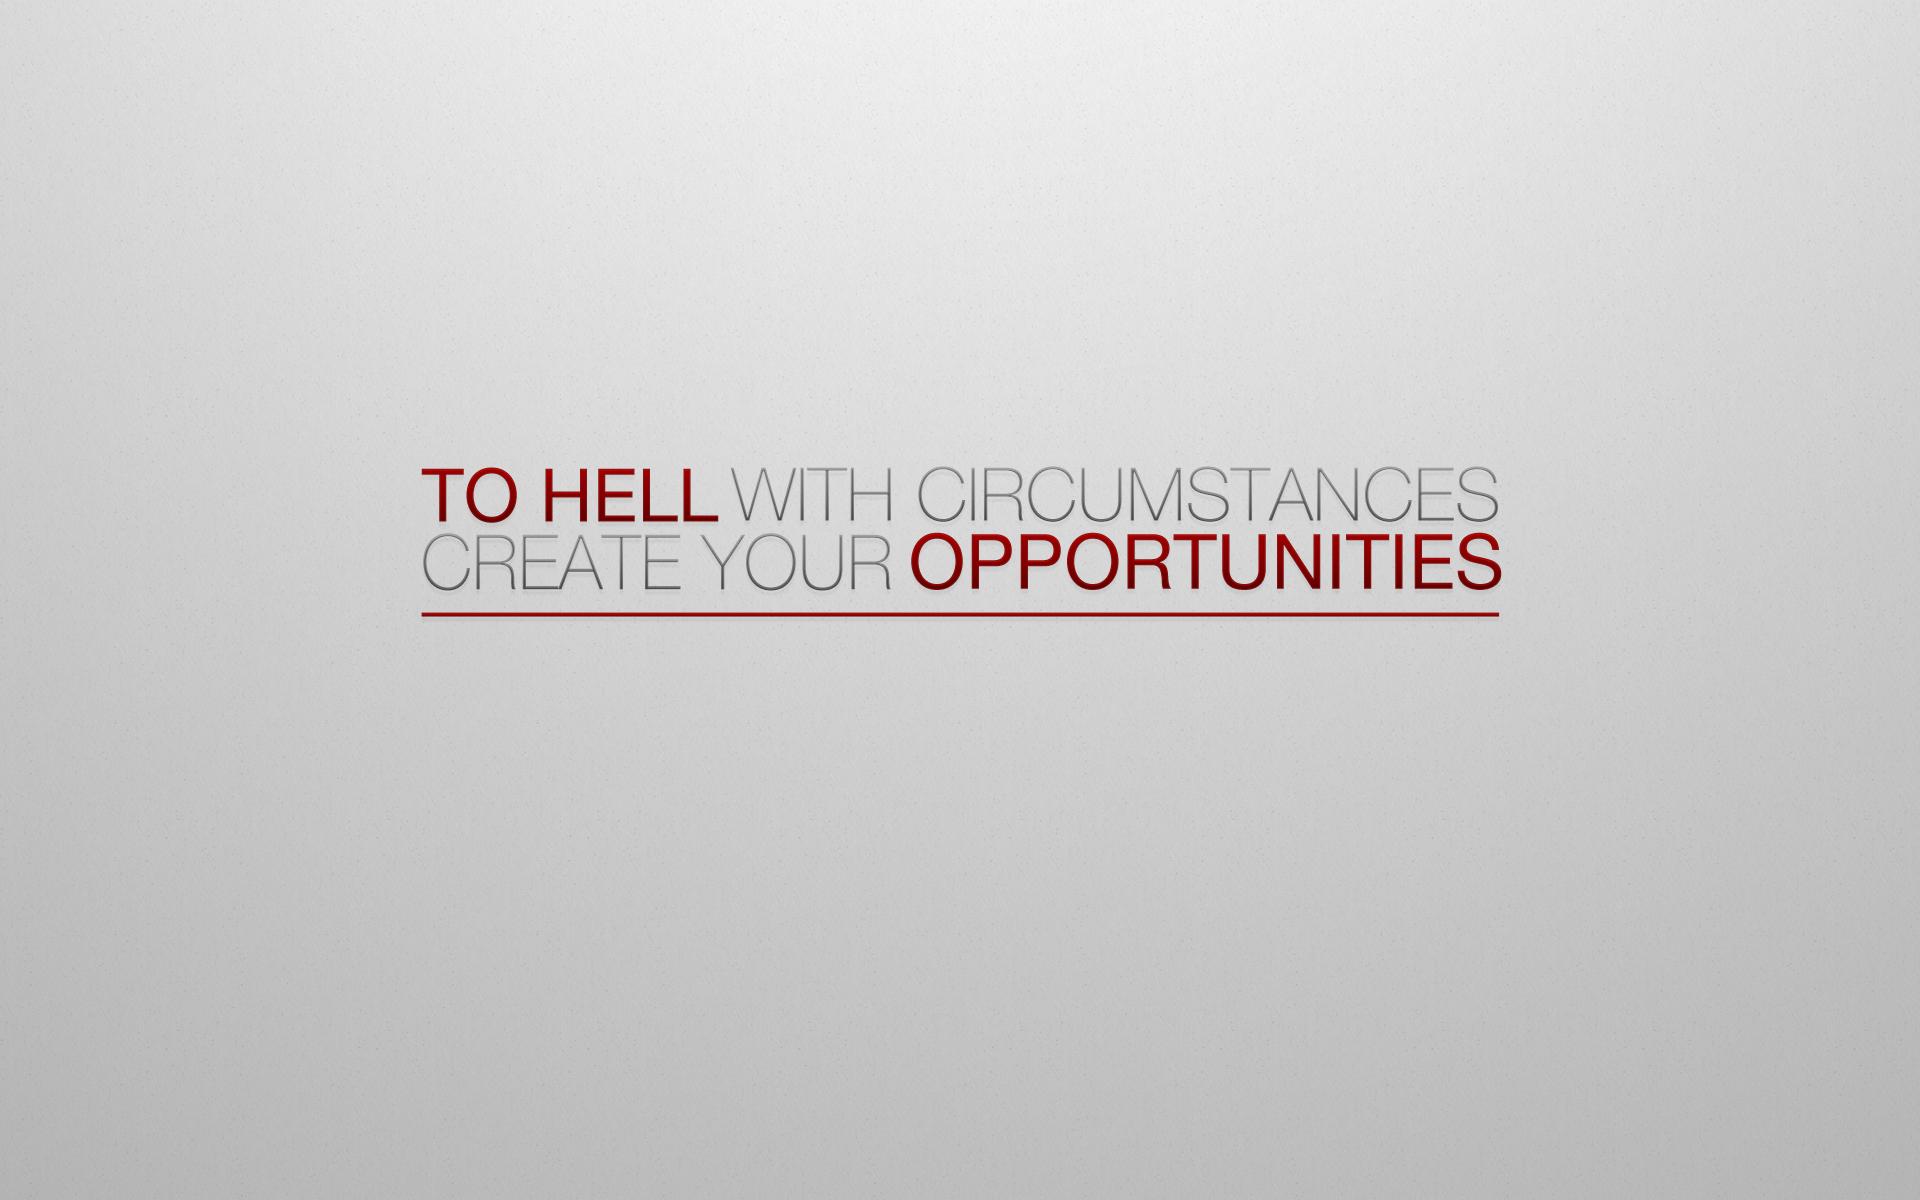 Create opportunities by Matt023